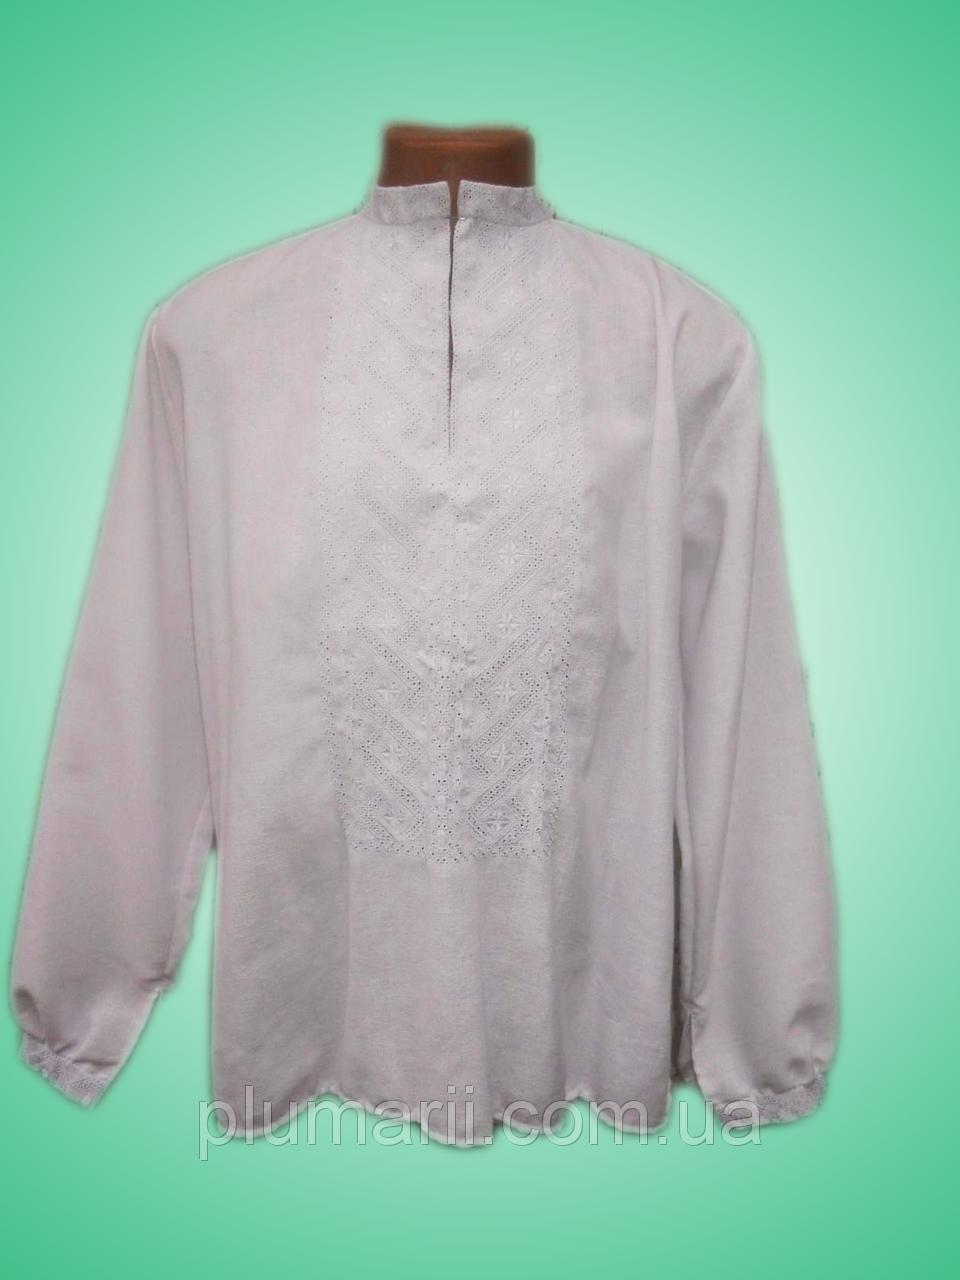 Чоловіча вишита сорочка з білосніжним узором (Мужская вышитая рубашка с  белоснежным узором) SN-0002 834297b739ab3